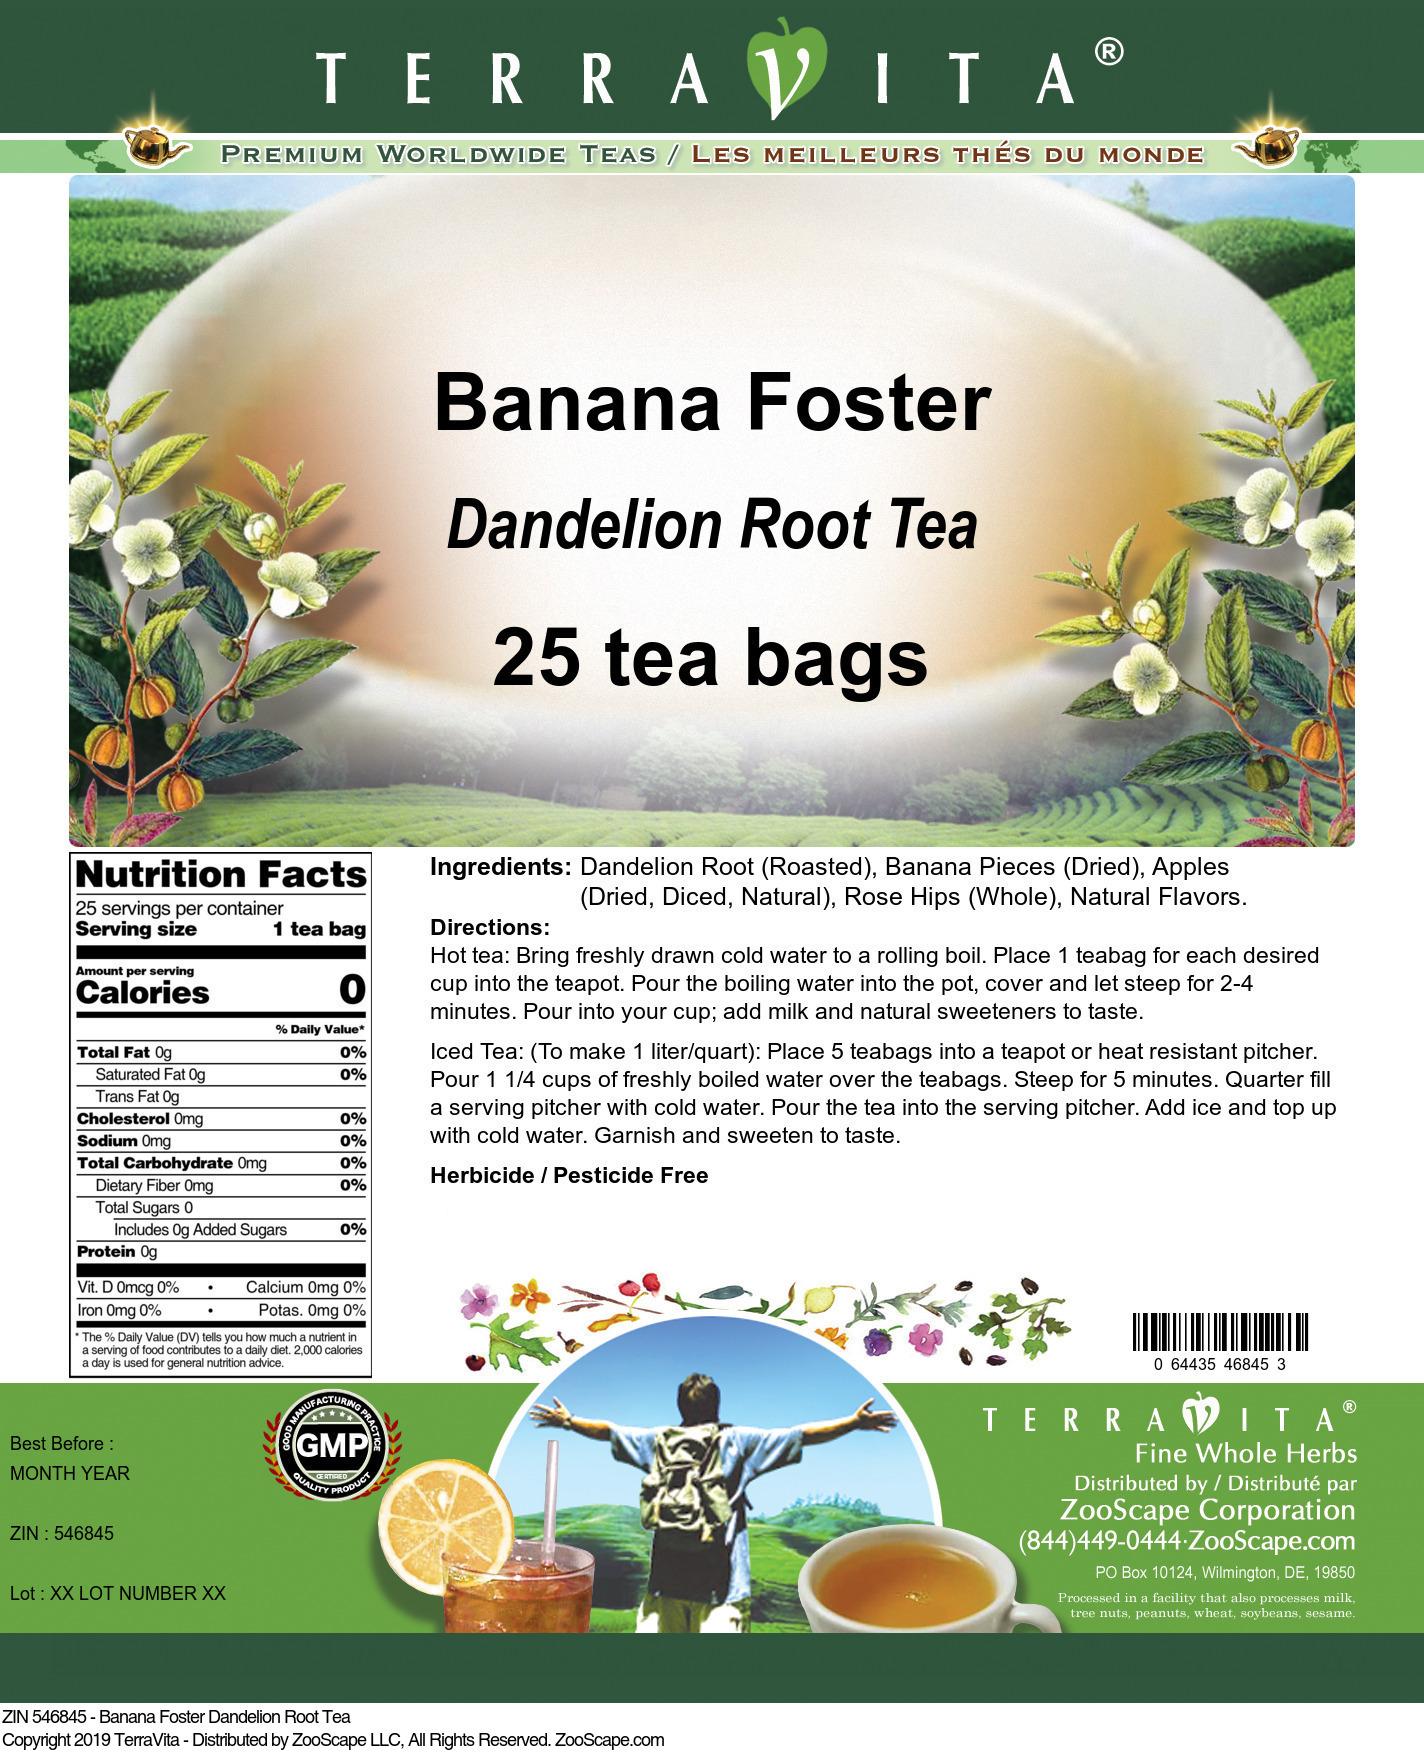 Banana Foster Dandelion Root